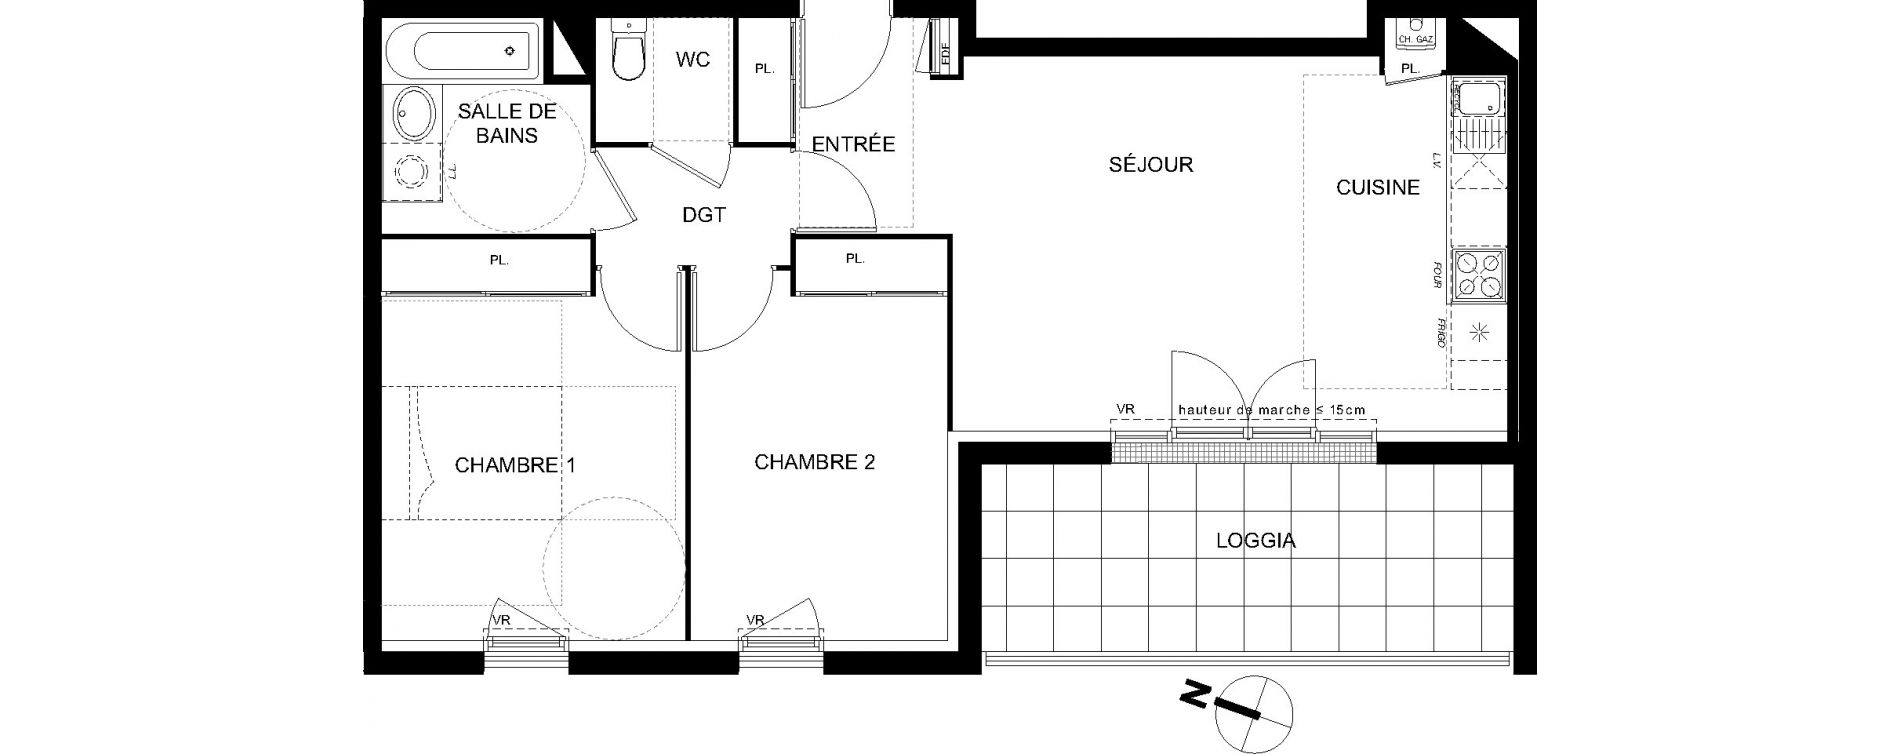 Appartement T3 de 60,68 m2 à Castanet-Tolosan Castanet tolosan centre